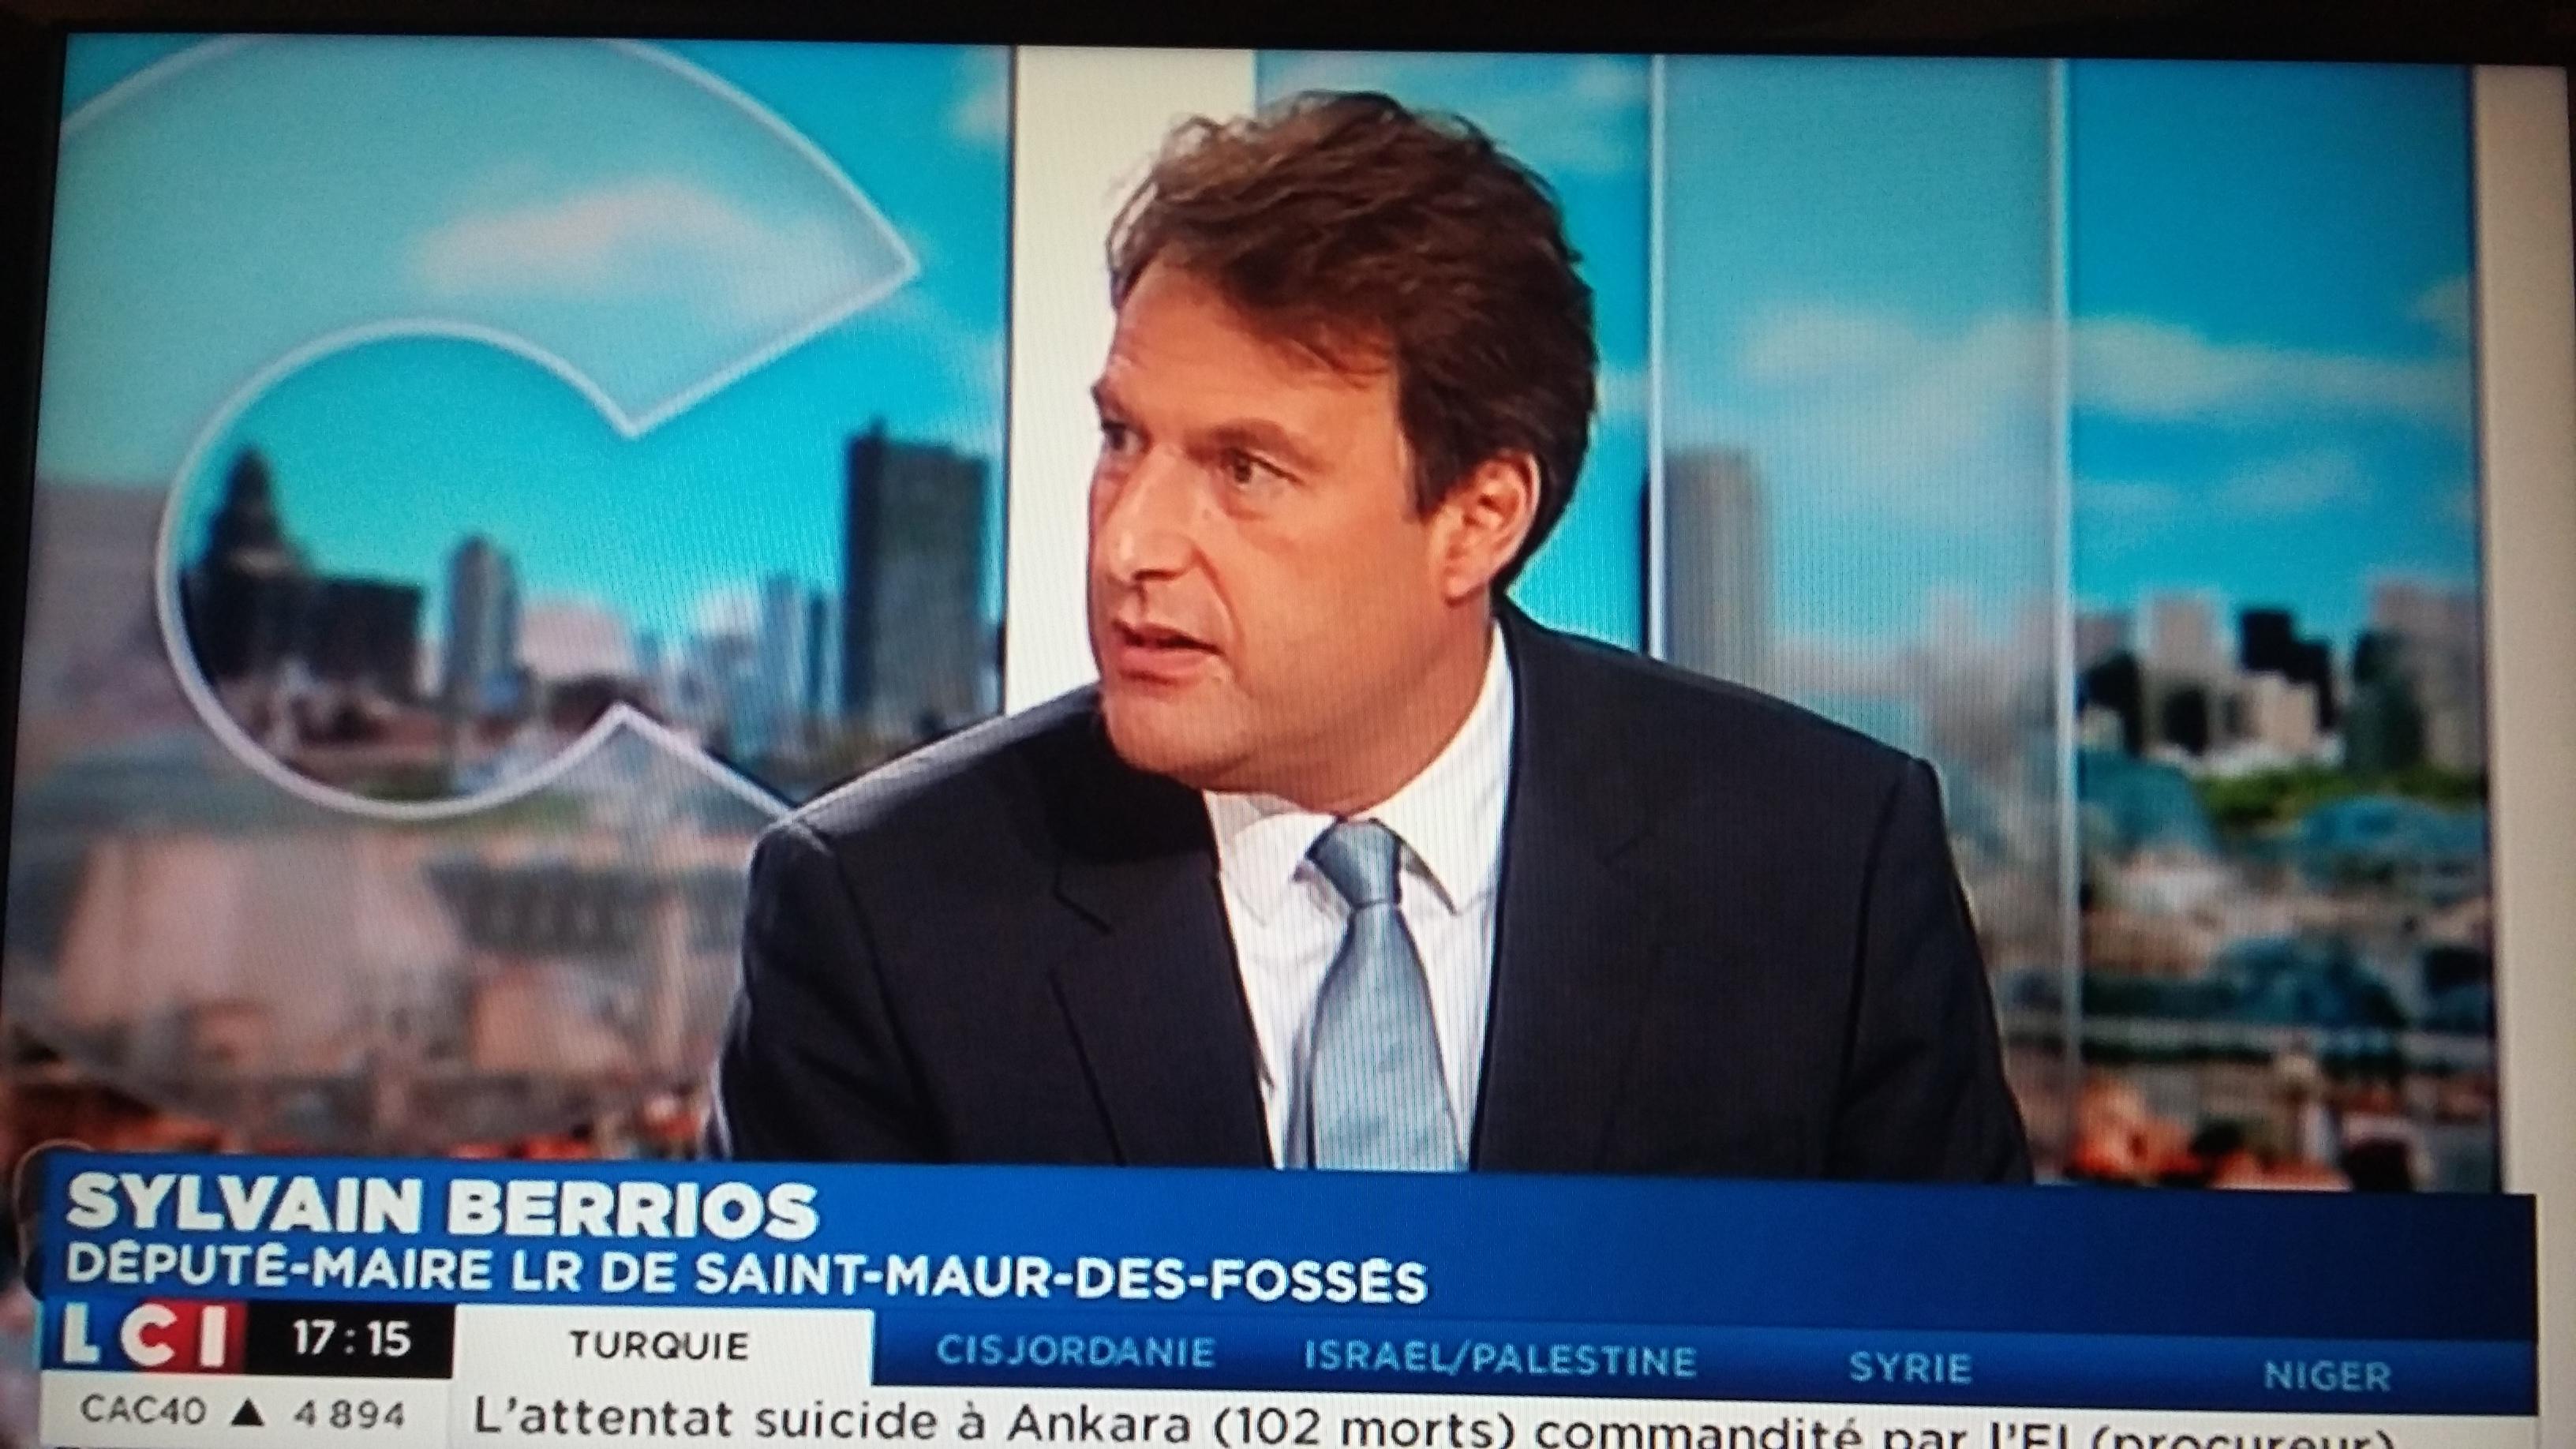 Sylvain Berrios sur LCI: «Détruire 1/3 du territoire saint-maurien, jamais je ne le ferai»